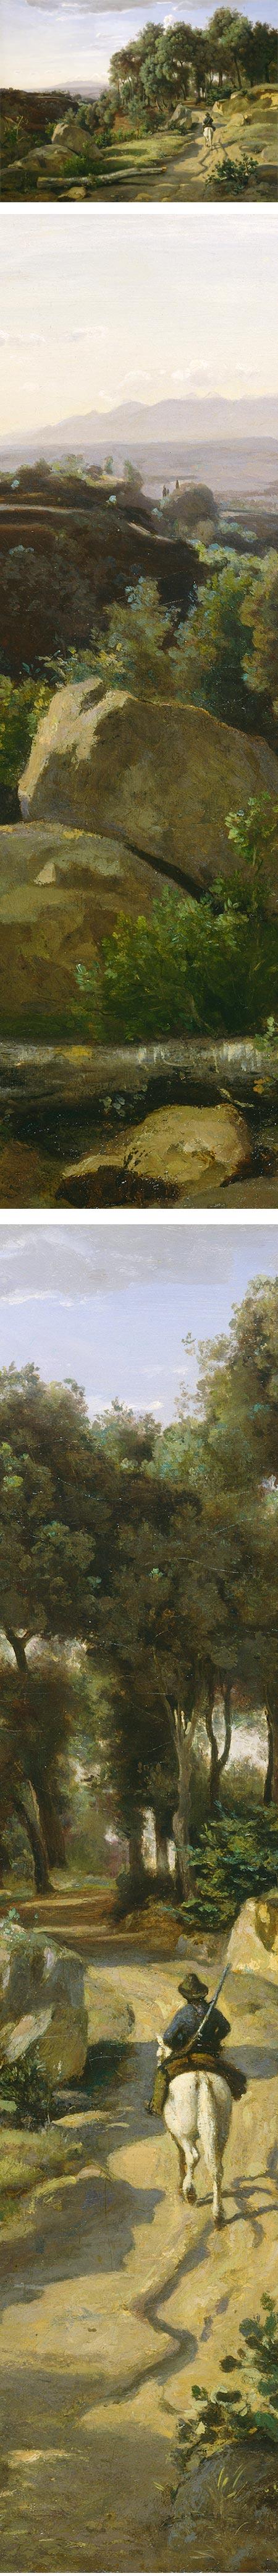 A View near Volterra, ean-Baptiste-Camille Corot